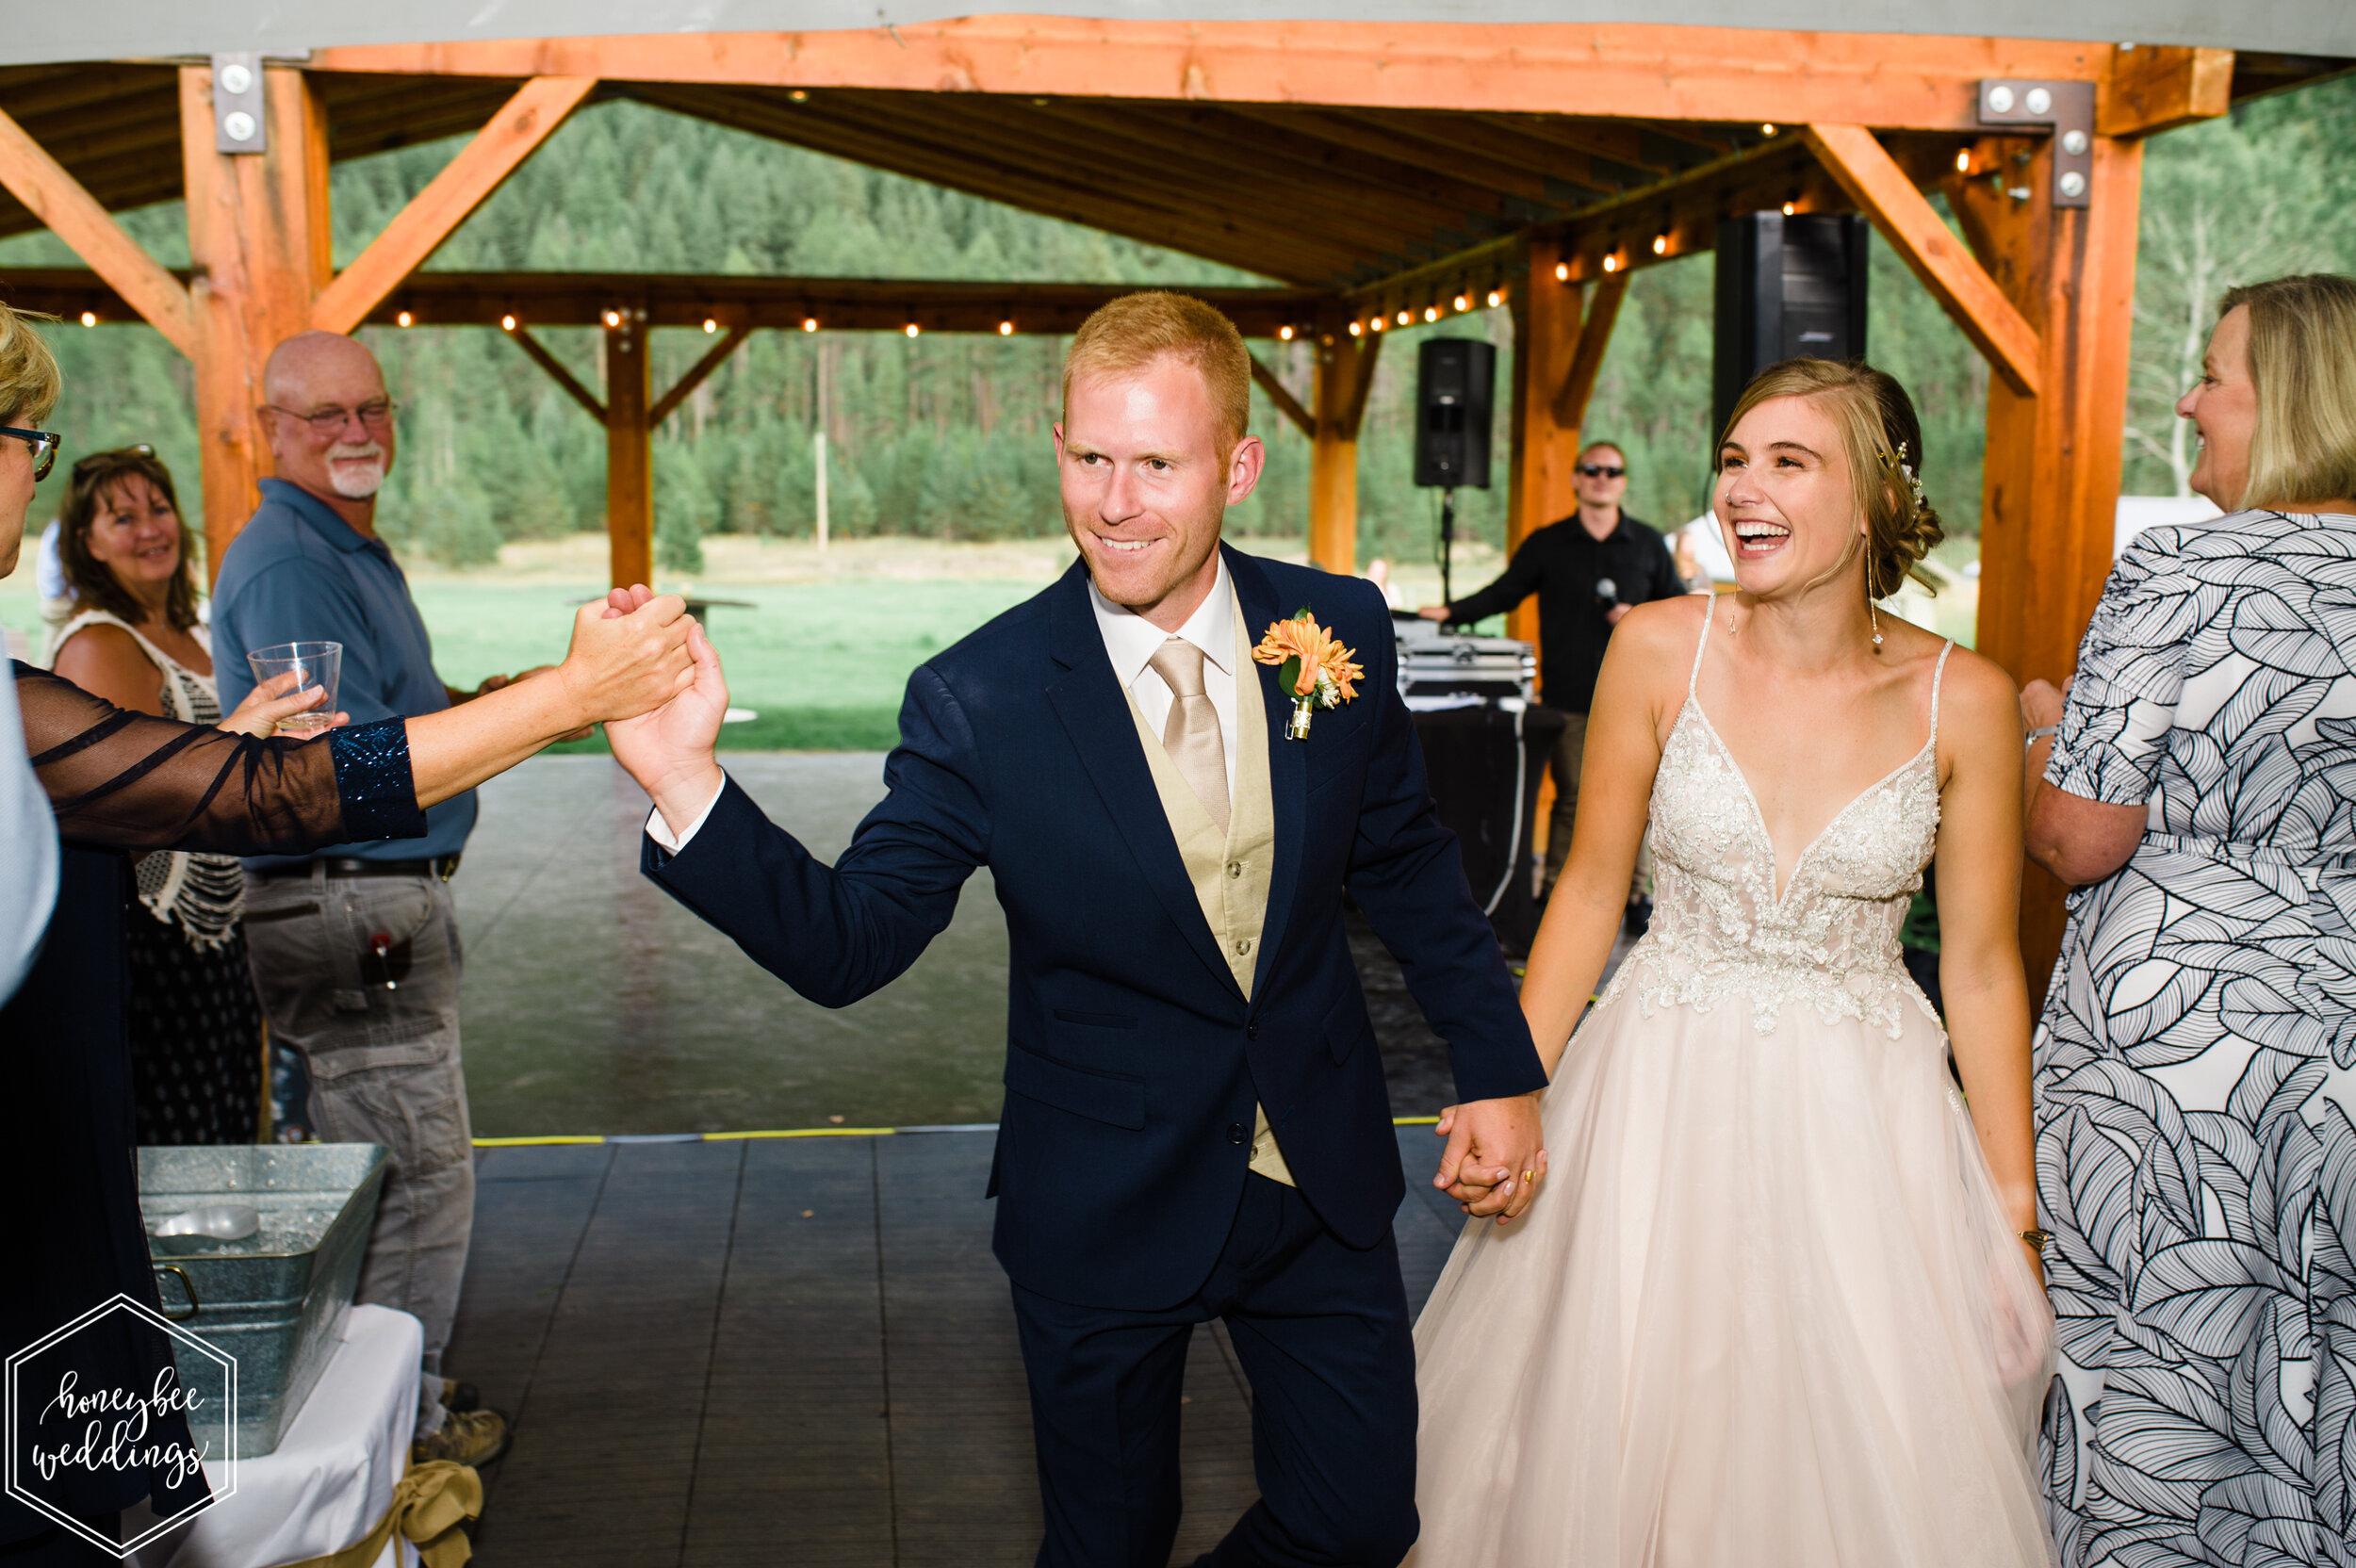 096Seven Mile Meadows Wedding_Montana Wedding Photographer_Jamie & Wes_Honeybee Weddings_September 07, 2019-1451.jpg